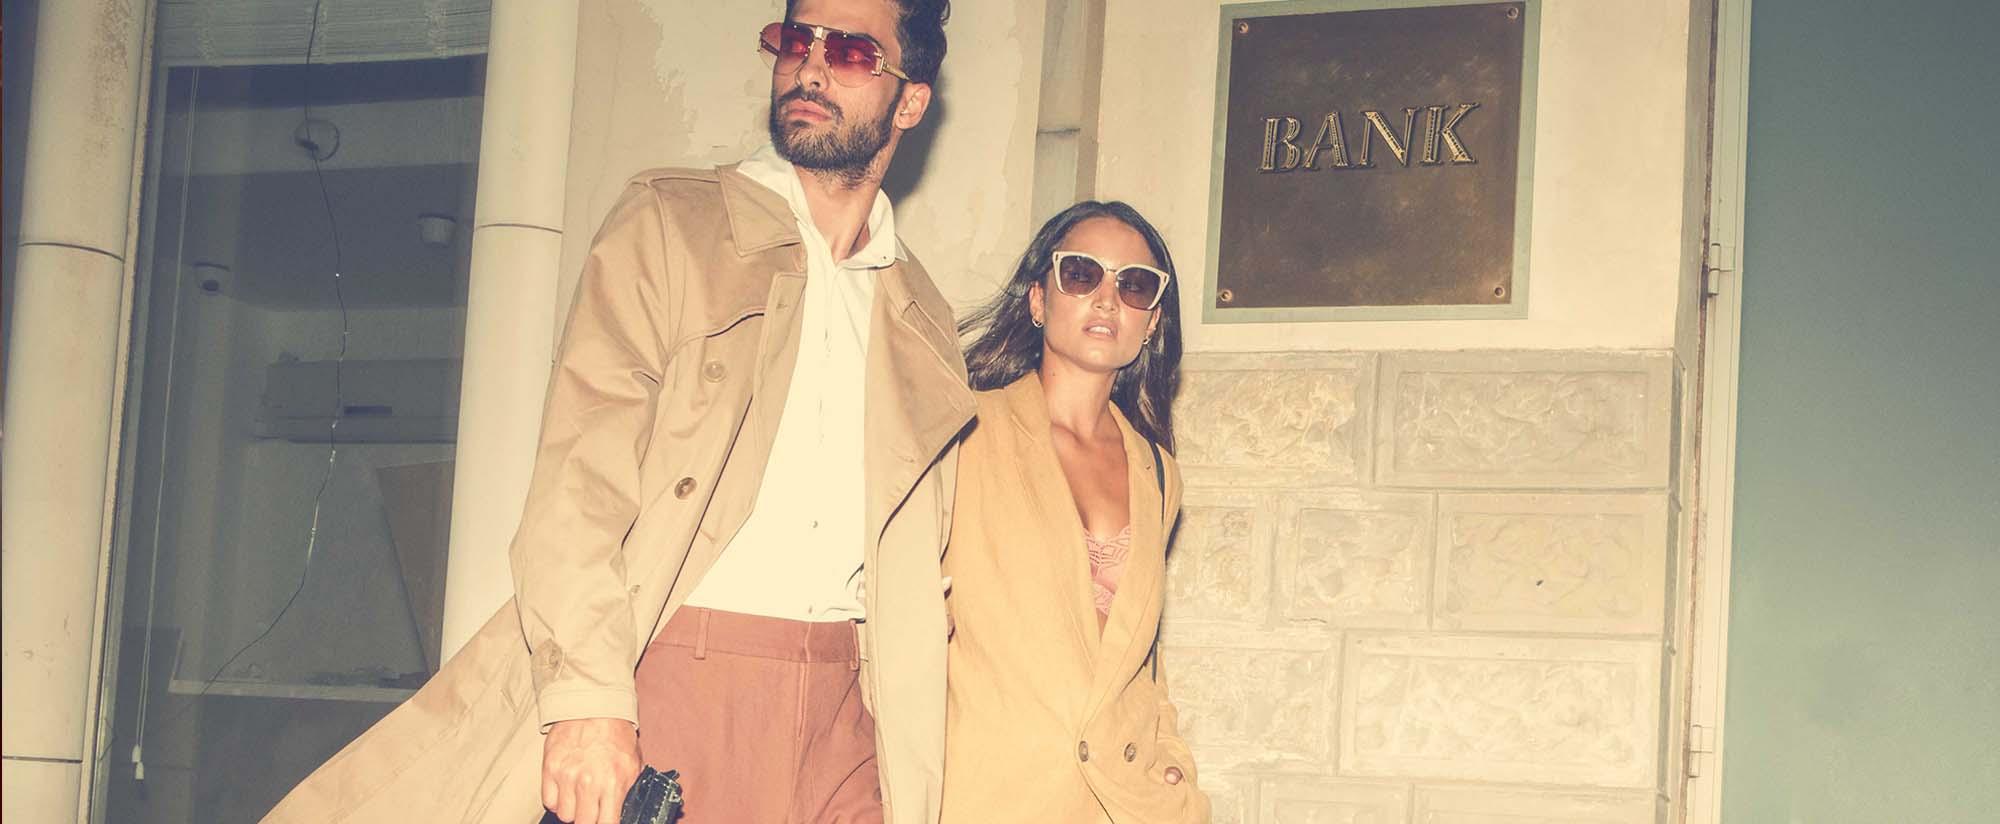 יובל - חולצה: H&M, מכנסיים Cos, ג׳ק:ט ונעליים: zara, משקפיים: יובל משקפיים: Celine. שאניה - חליפה: H&M, נעליים: mango, משקפיים: Prada , סטיילינג: אייל חג'בי, צילום: ניל כהן - בית ספר לצילום, רון קדמי, דוגמנים: יובל ביטון - סוכנות ״אלינור שחר״, שאניה הדר - סוכנות Passion Management, איפור: דלית לוי, עיצוב שיער: מירב אבן צור, אופנה 2020, Fashion Israel, חדשות אופנה 2020, כתבות אופנה 2020, טרנדים 2020, מגזין אופנה ישראלי